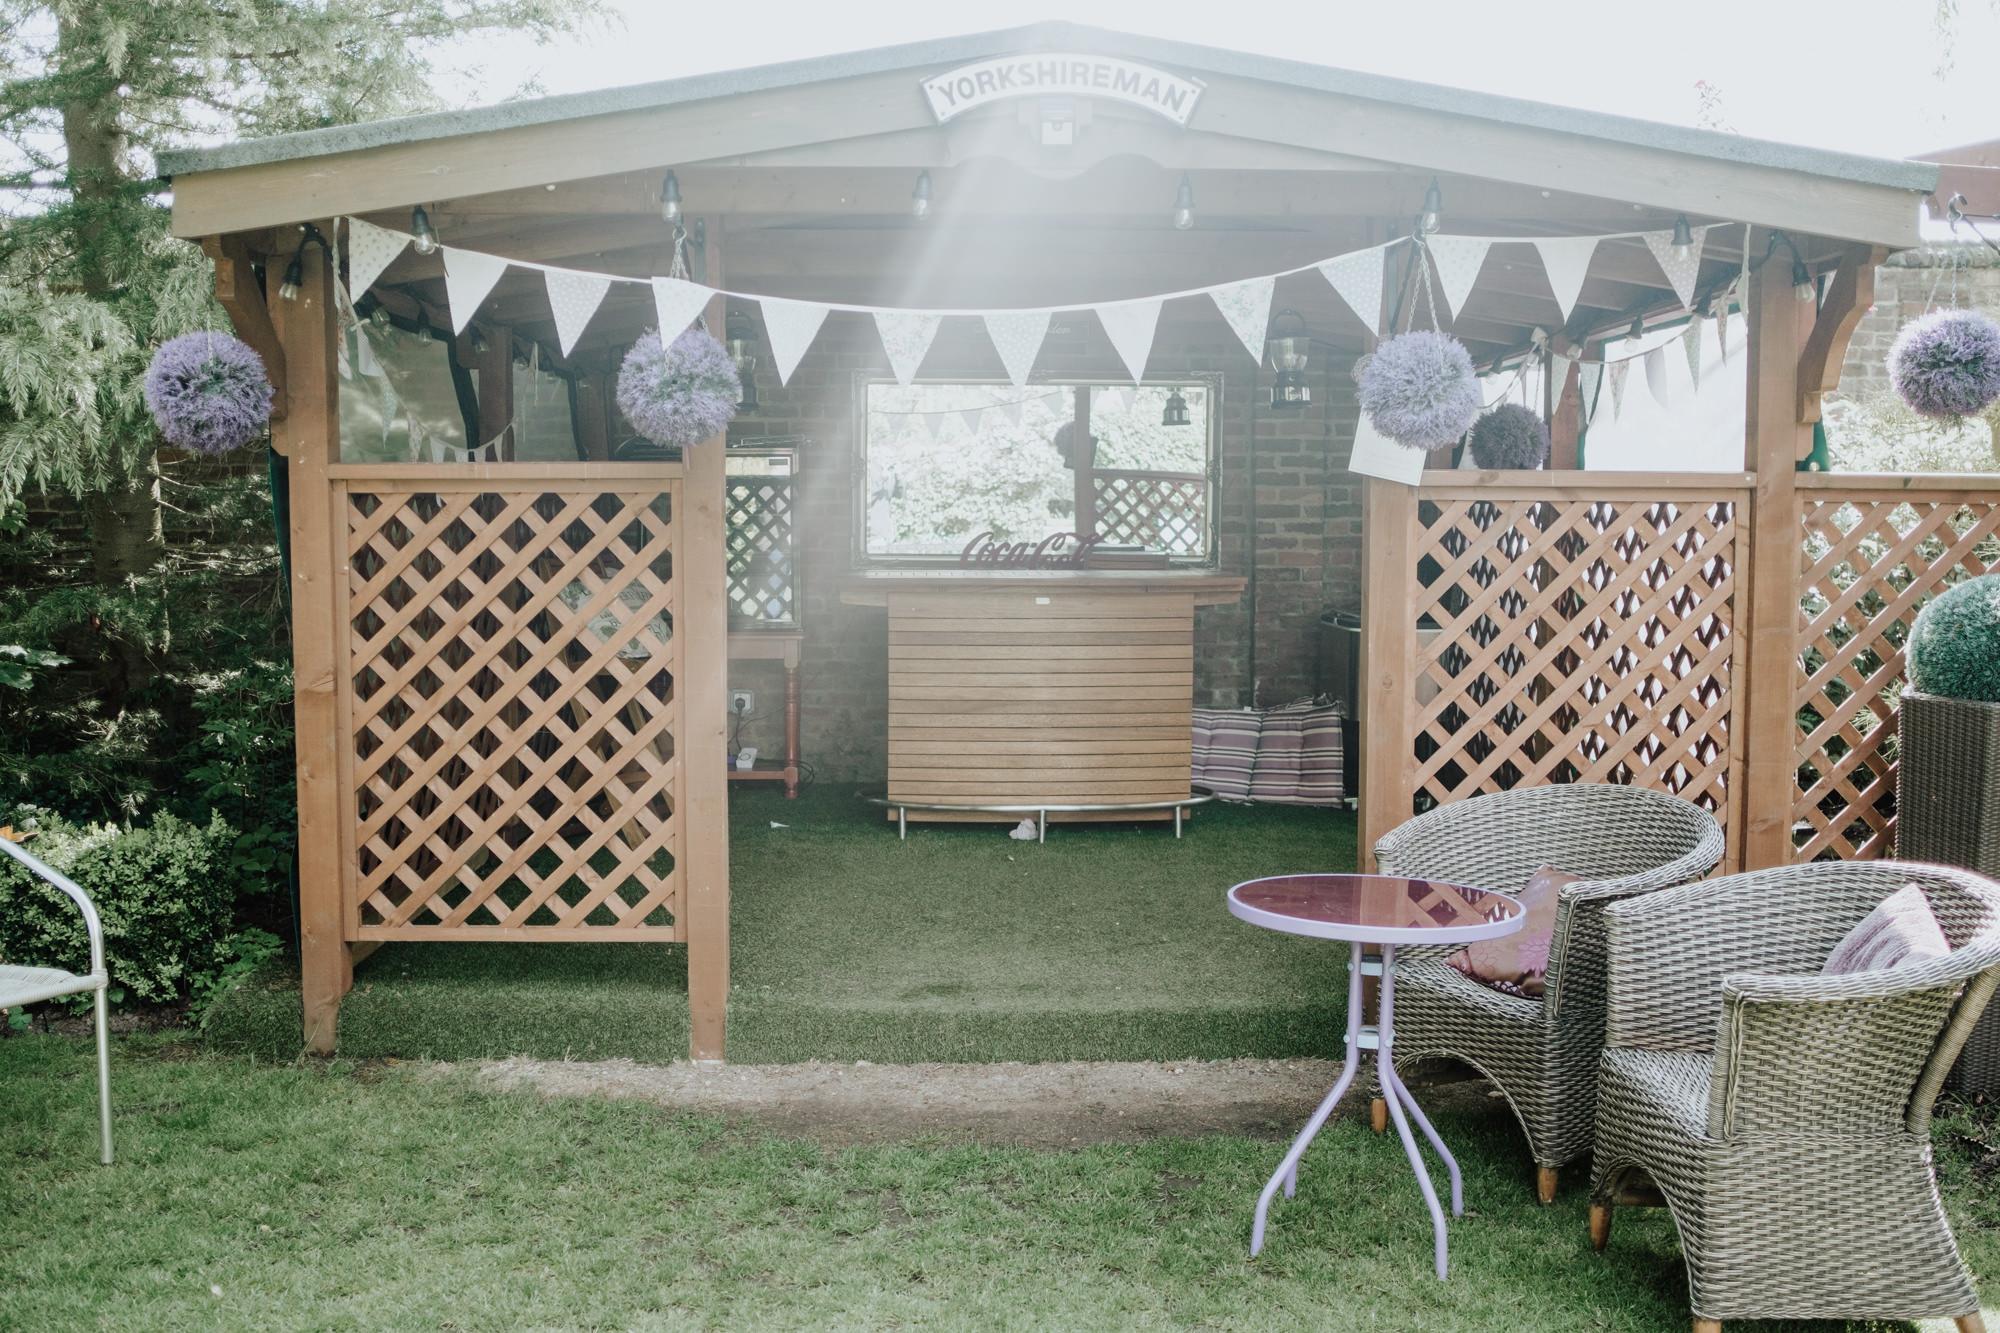 Secret garden gringley open day-9.jpg